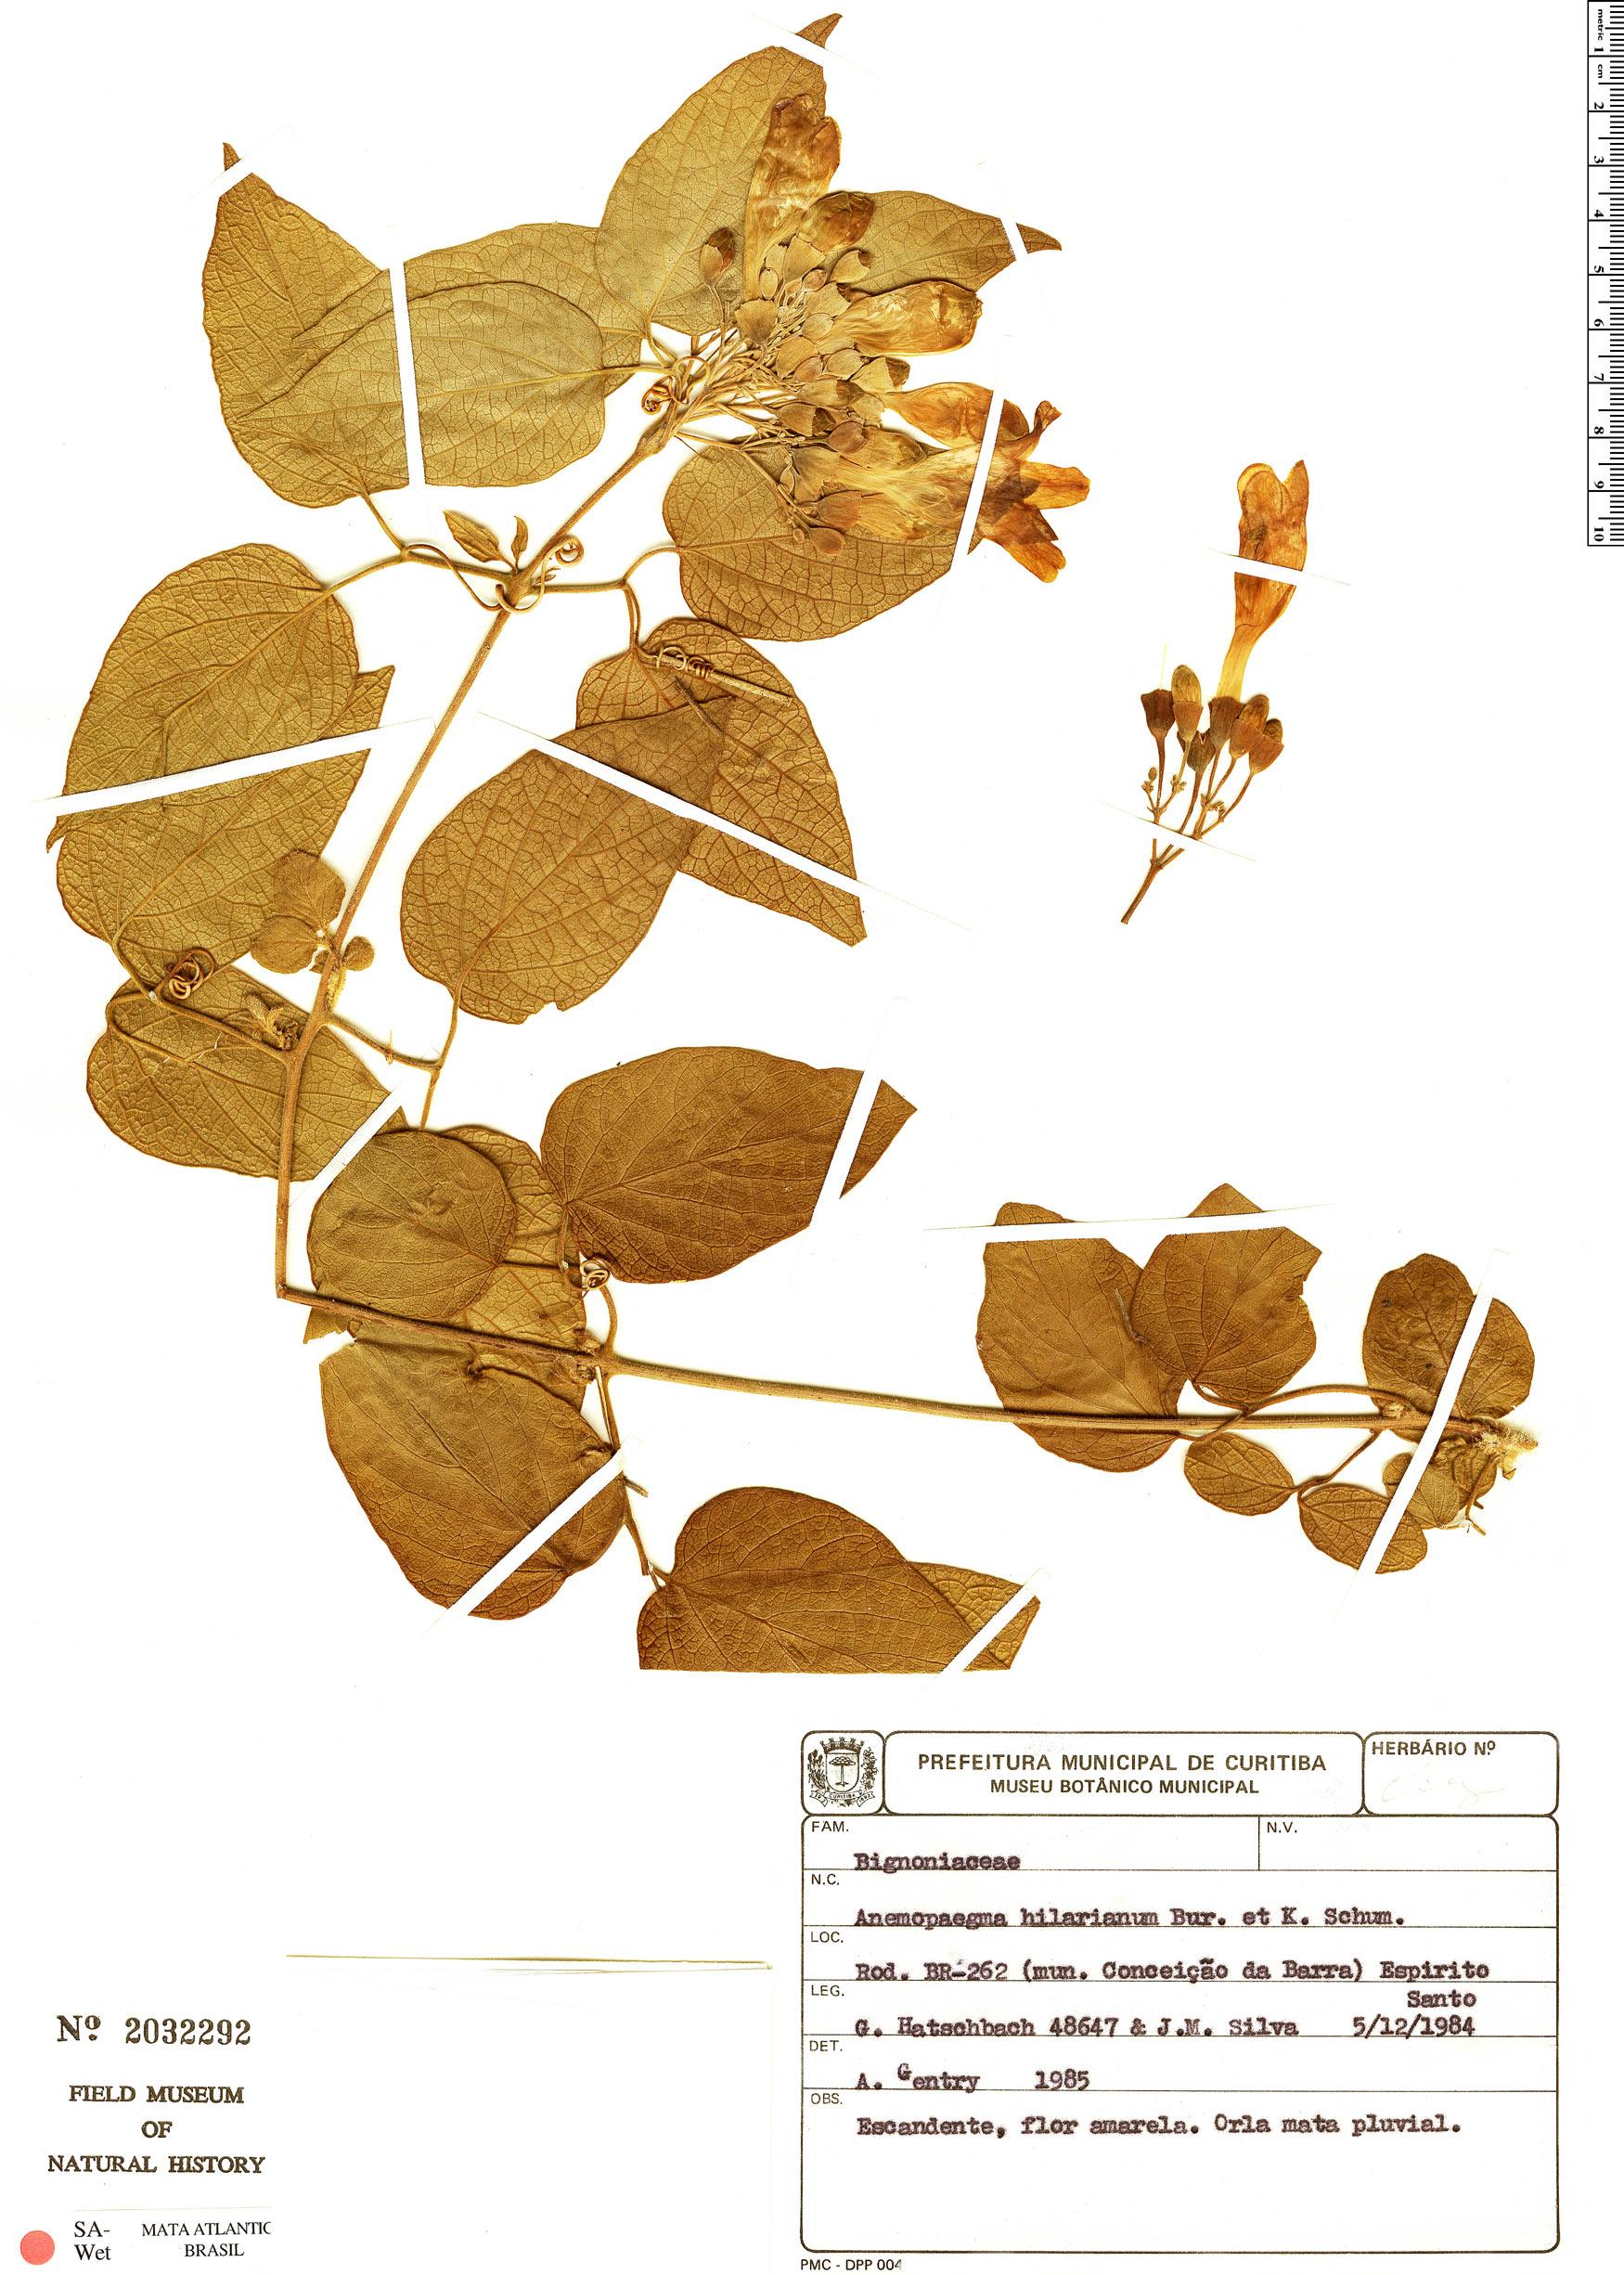 Specimen: Anemopaegma hilarianum